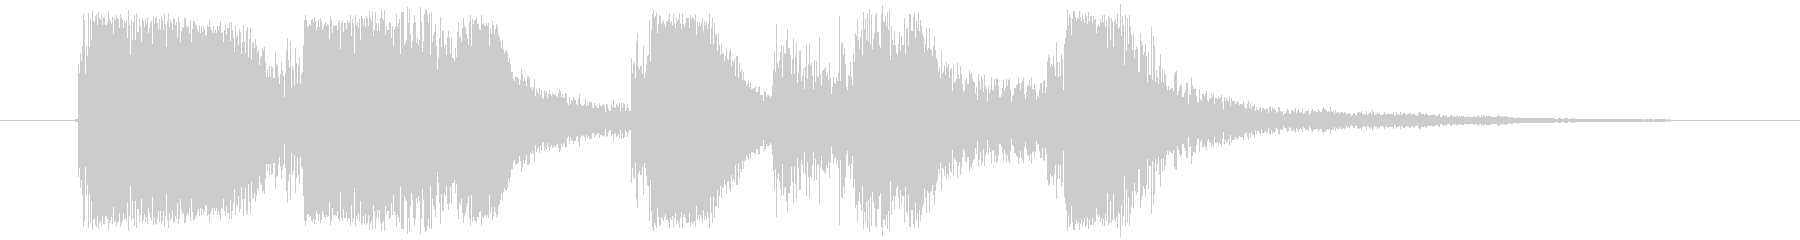 フィルイン_ジャジーなアイキャッチの未再生の波形